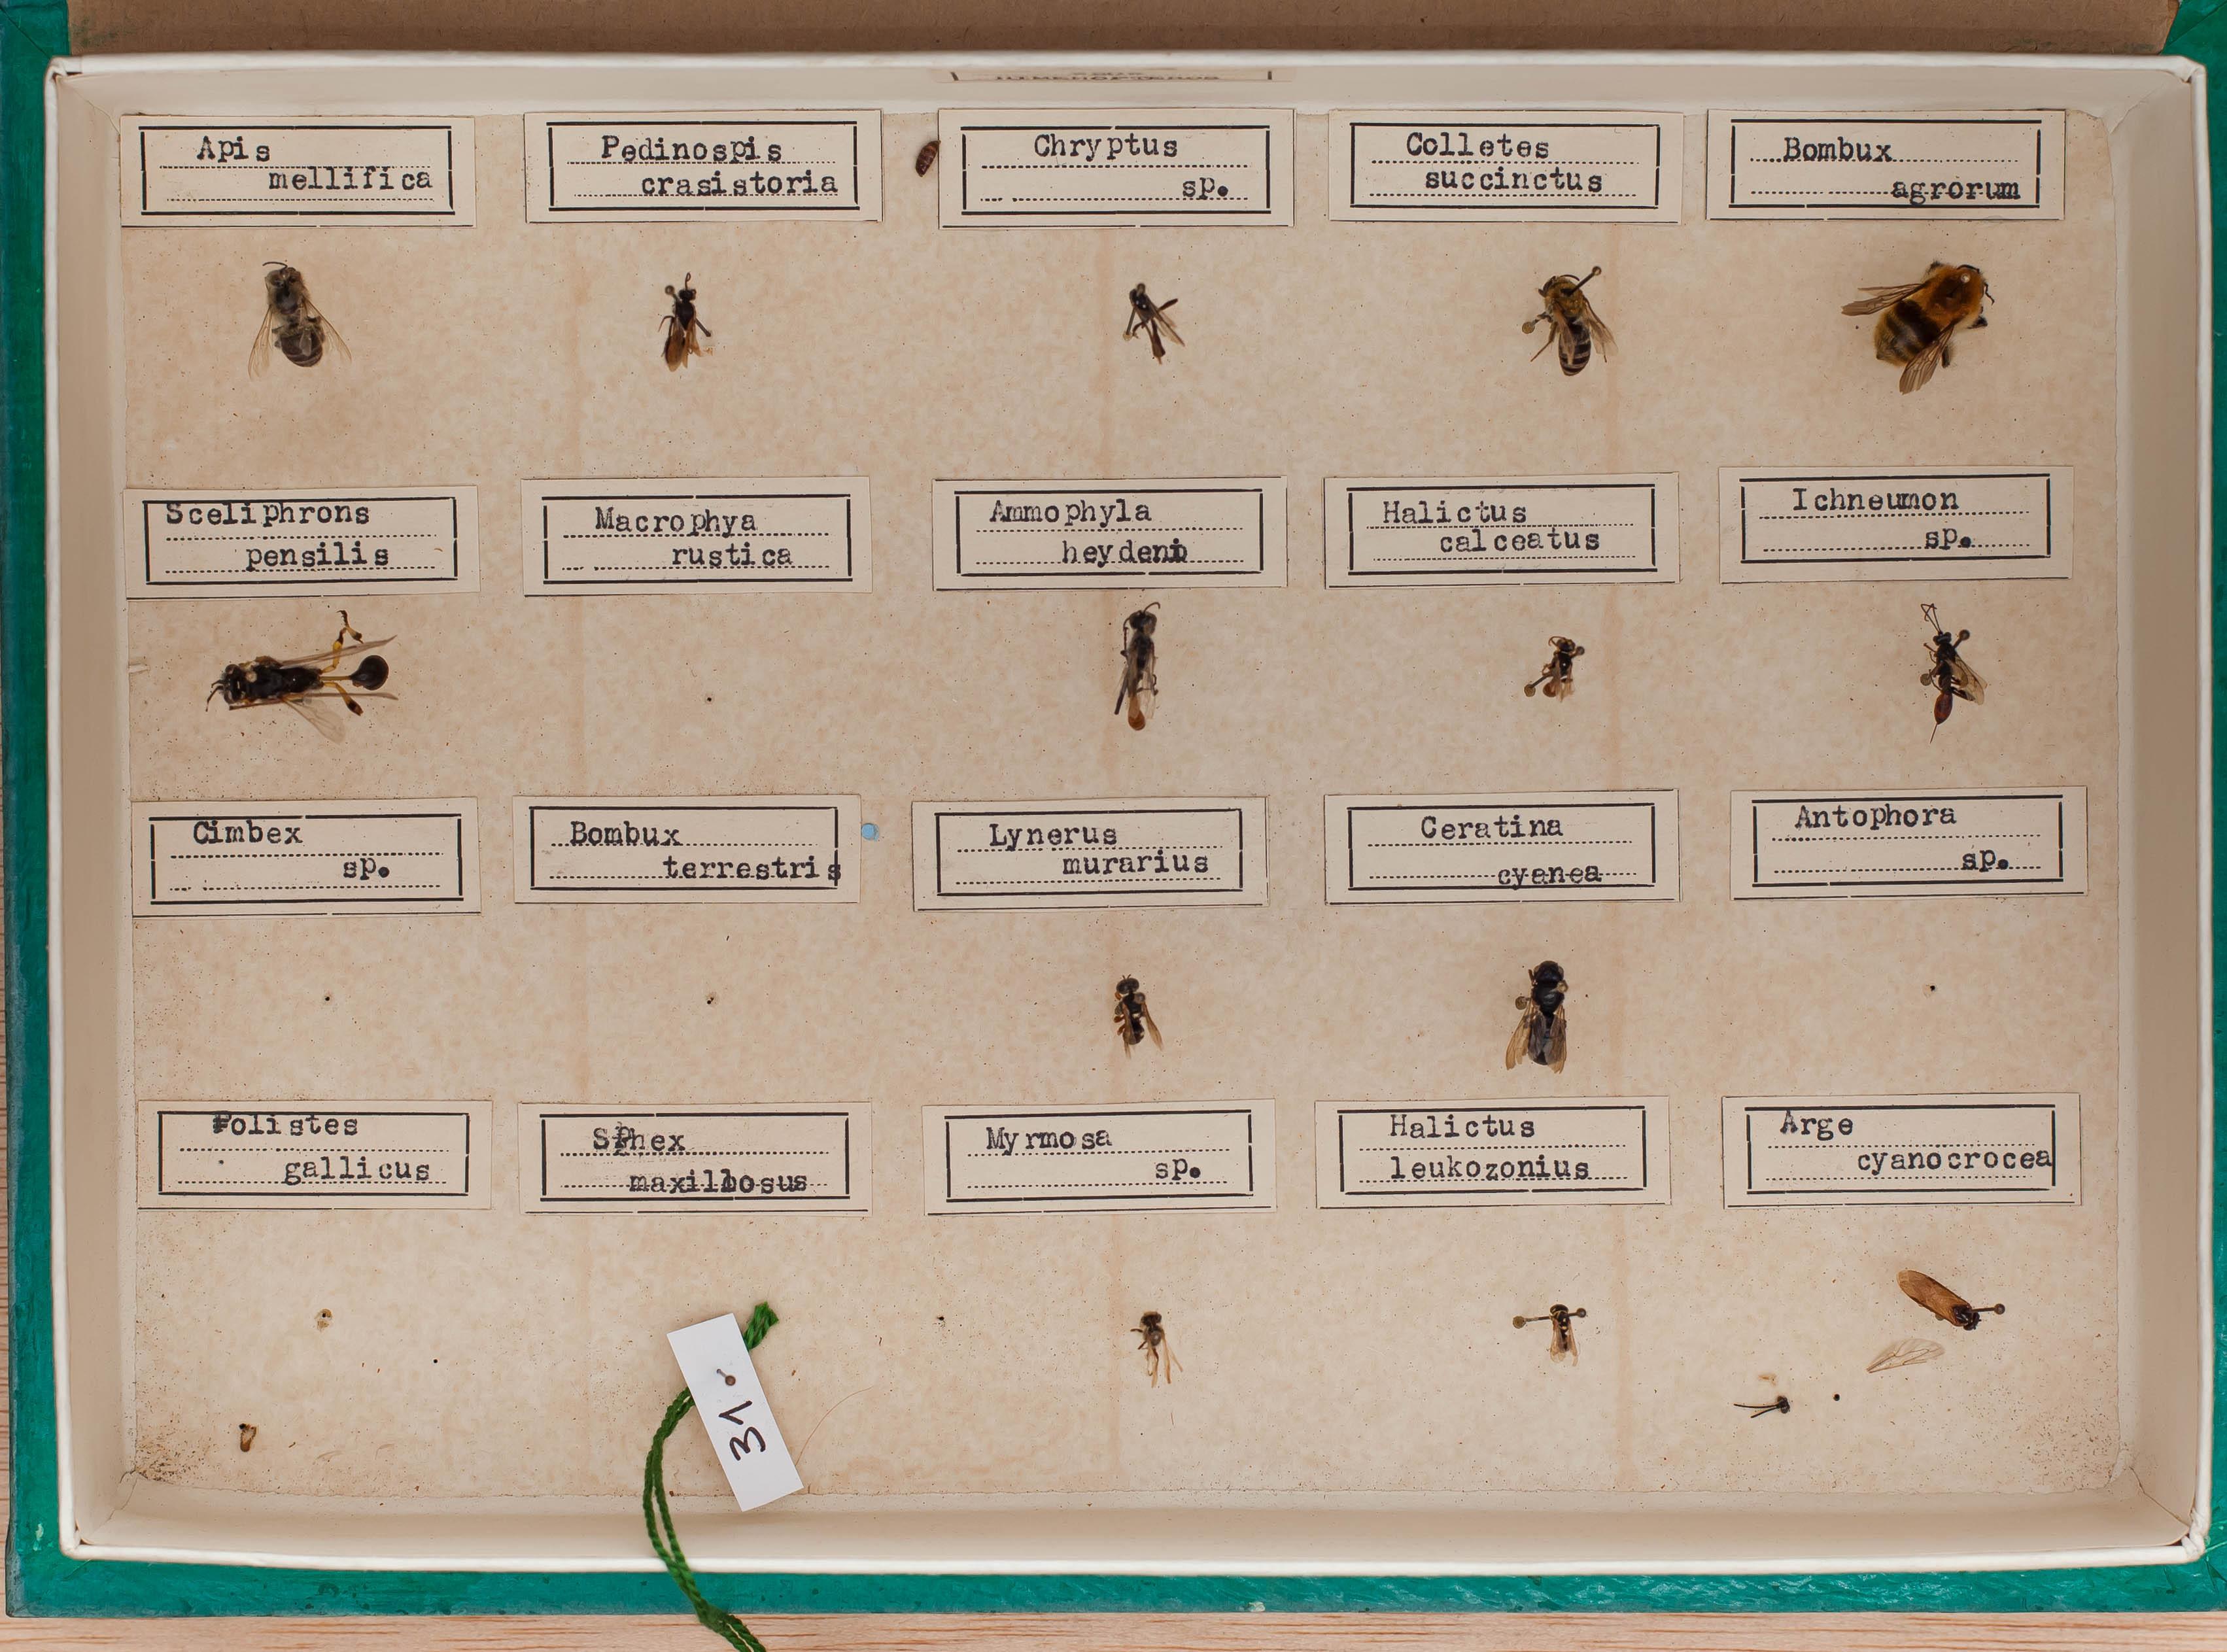 IES_CARDENALCISNEROS_Insectos_016